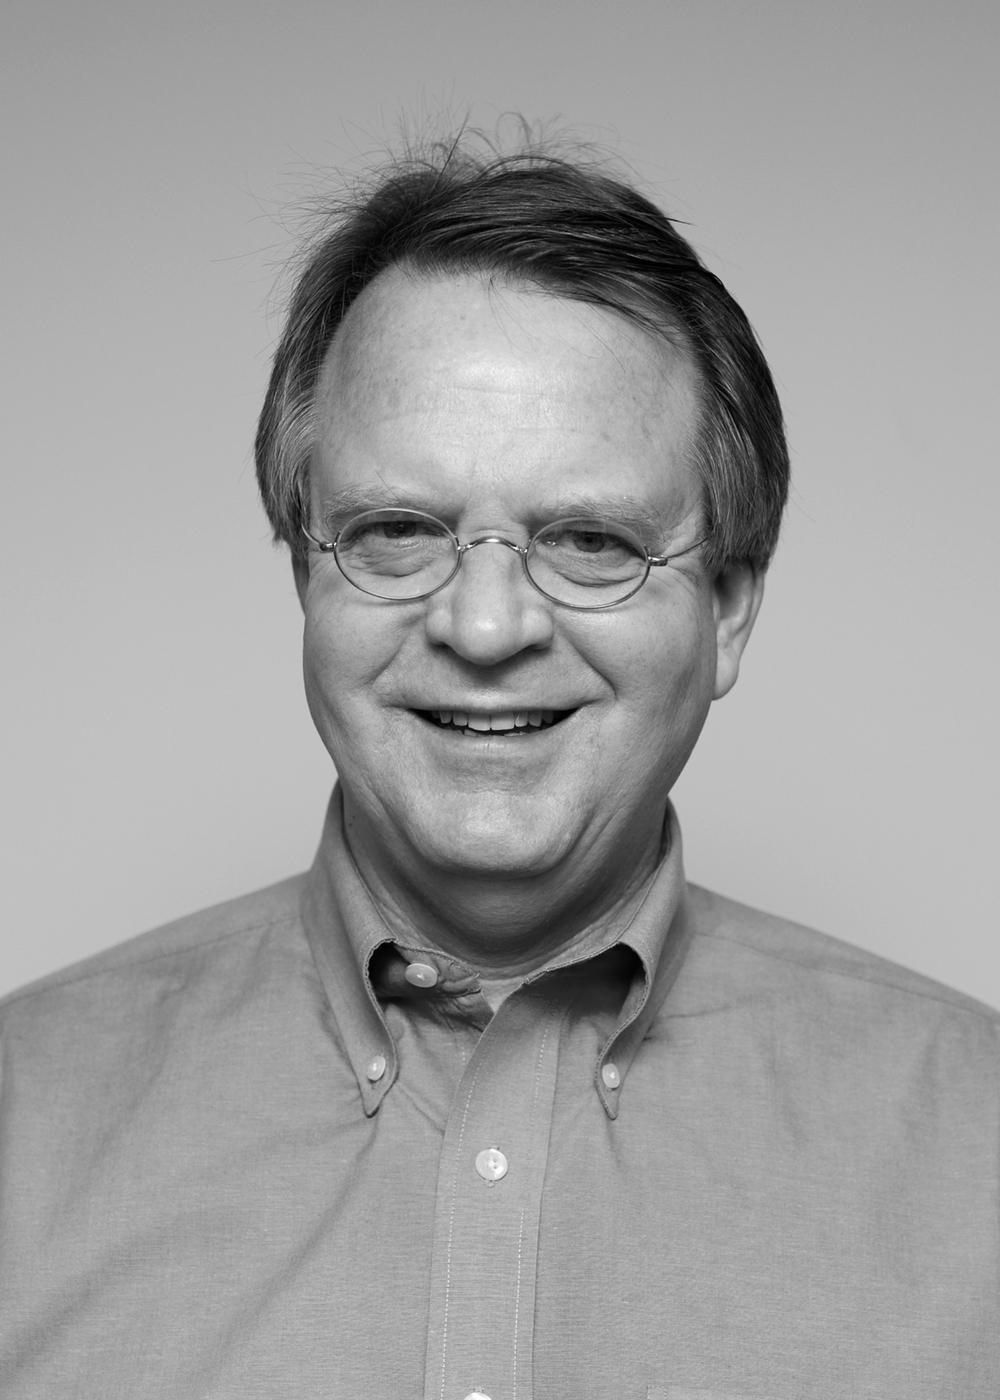 Dr. Matthew Bednar D.D.S